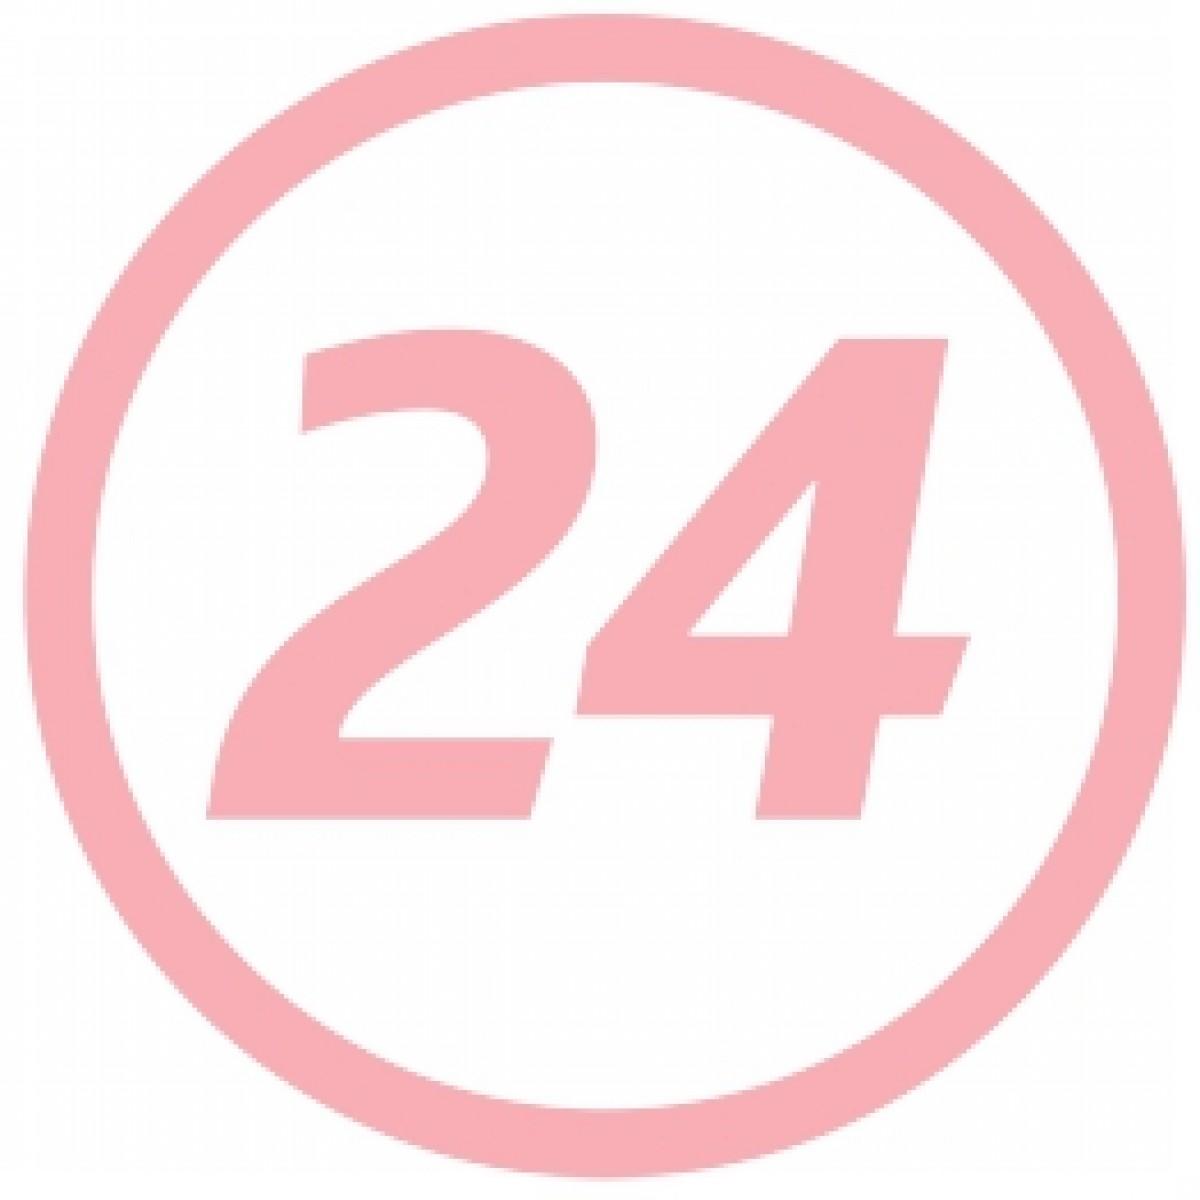 Blephagel Gel Pentru Igiena Pleoapelor Si Genelor, Gel, 30g